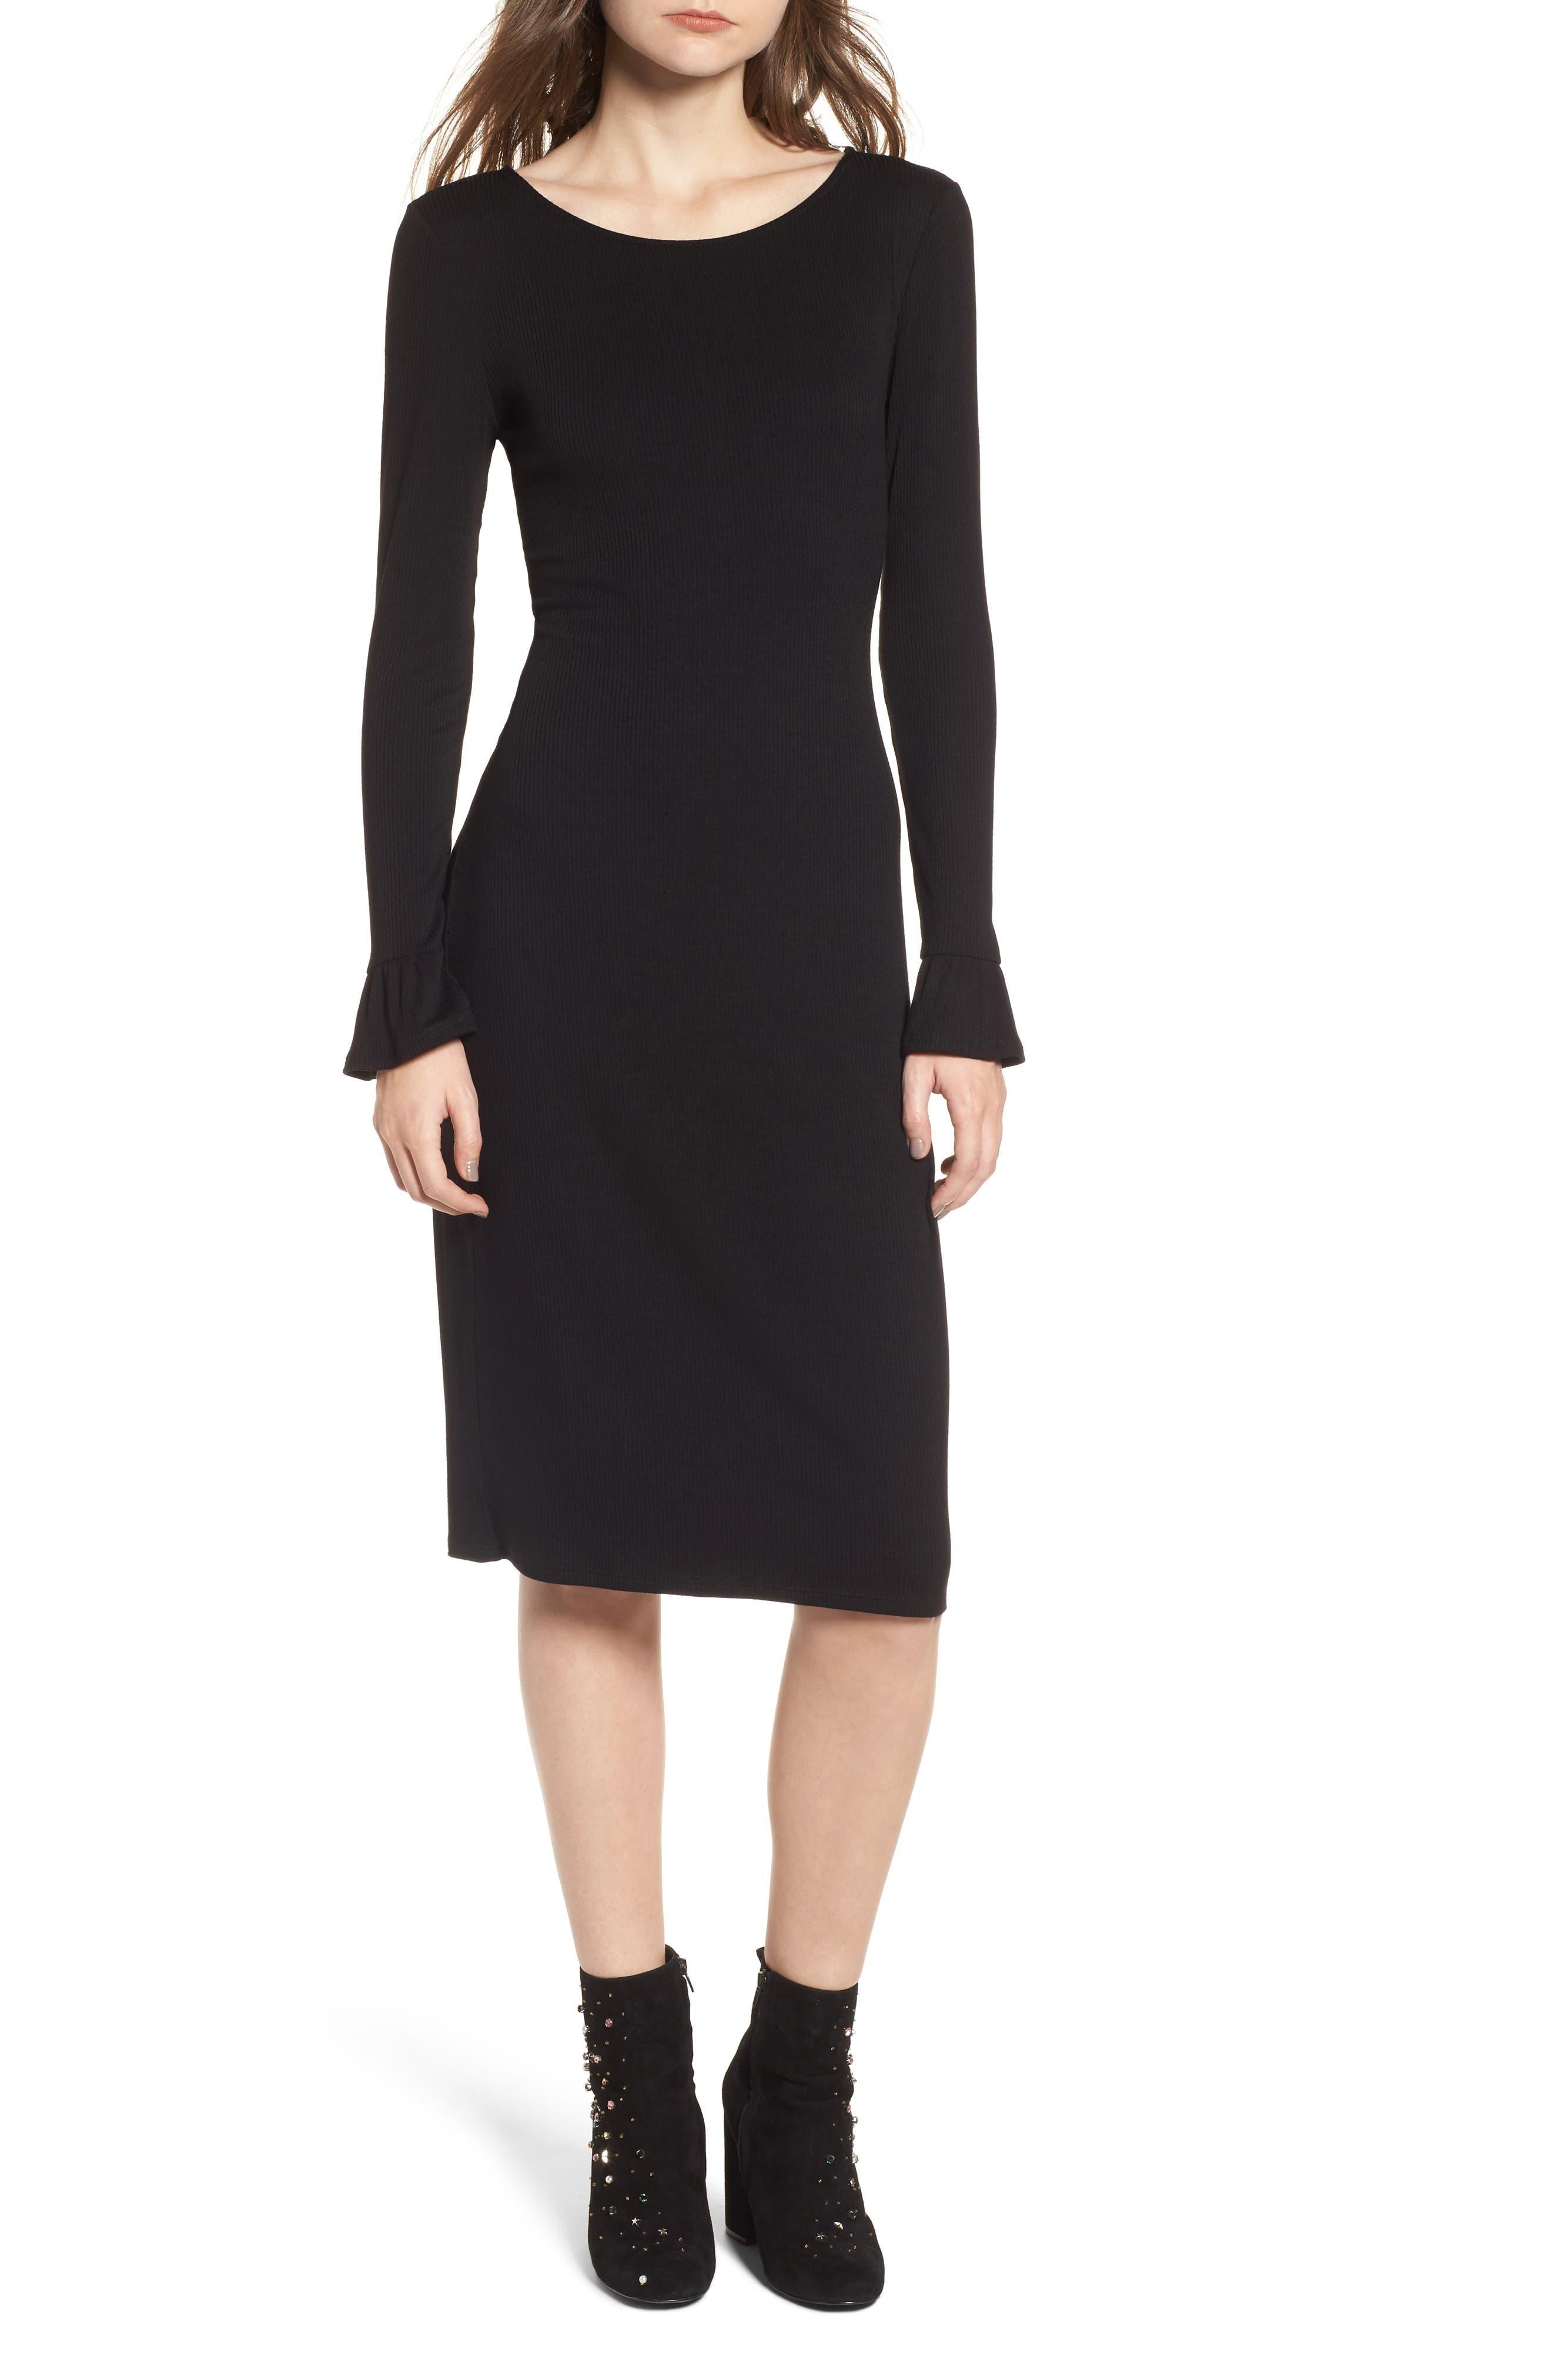 Alternate Image 1 Selected - One Clothing Ruffle Sleeve Ribbed Midi Dress